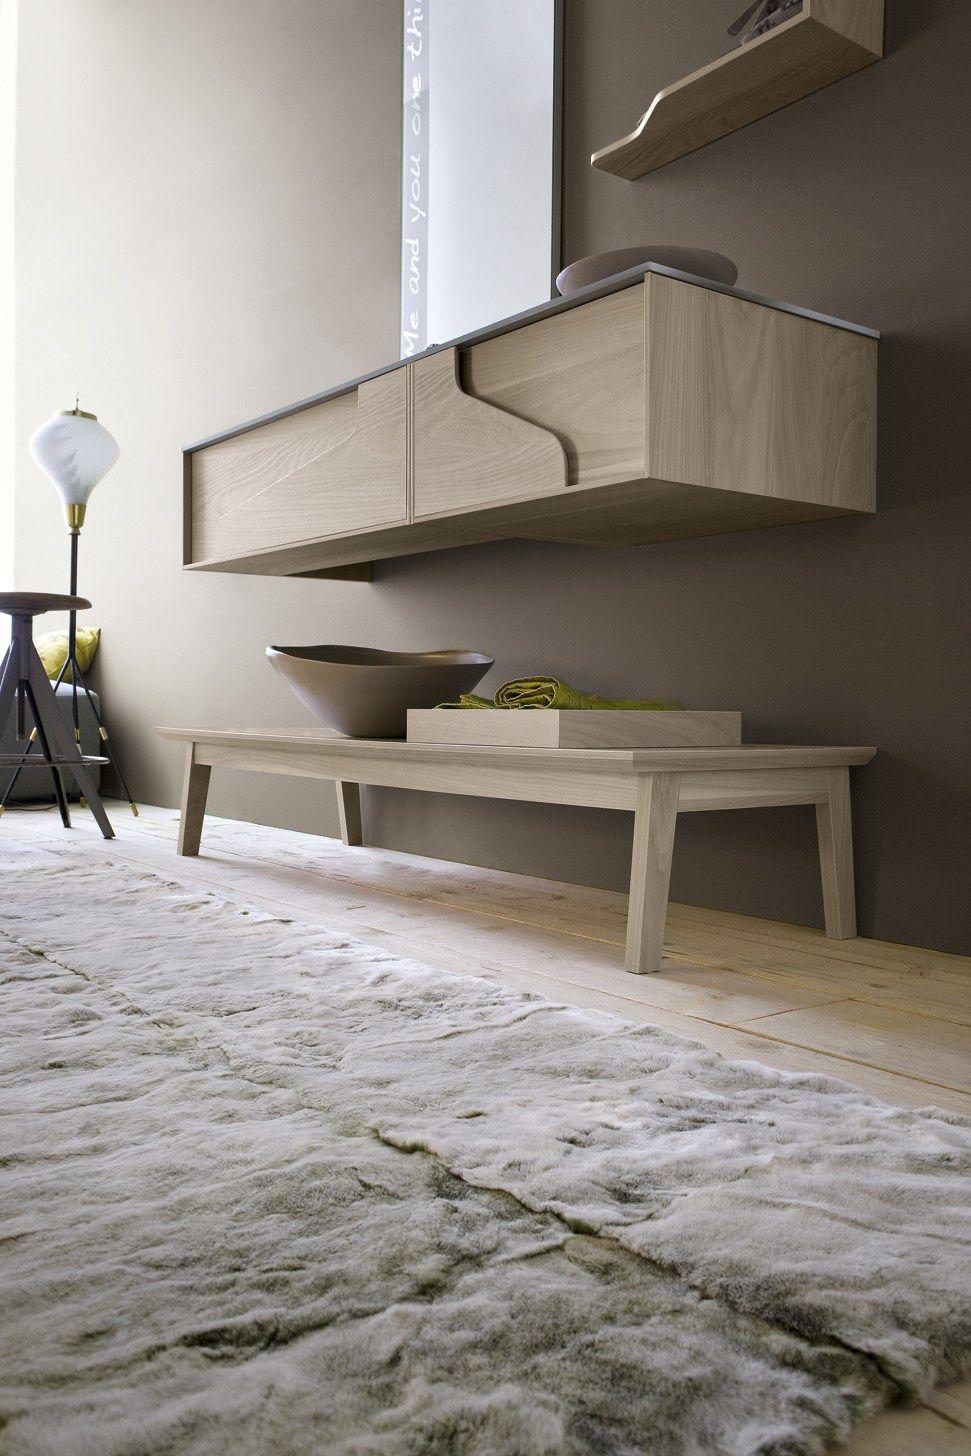 Badezimmer ausstattung free 86 87 by cerasa design stefano for Badezimmer ausstattung